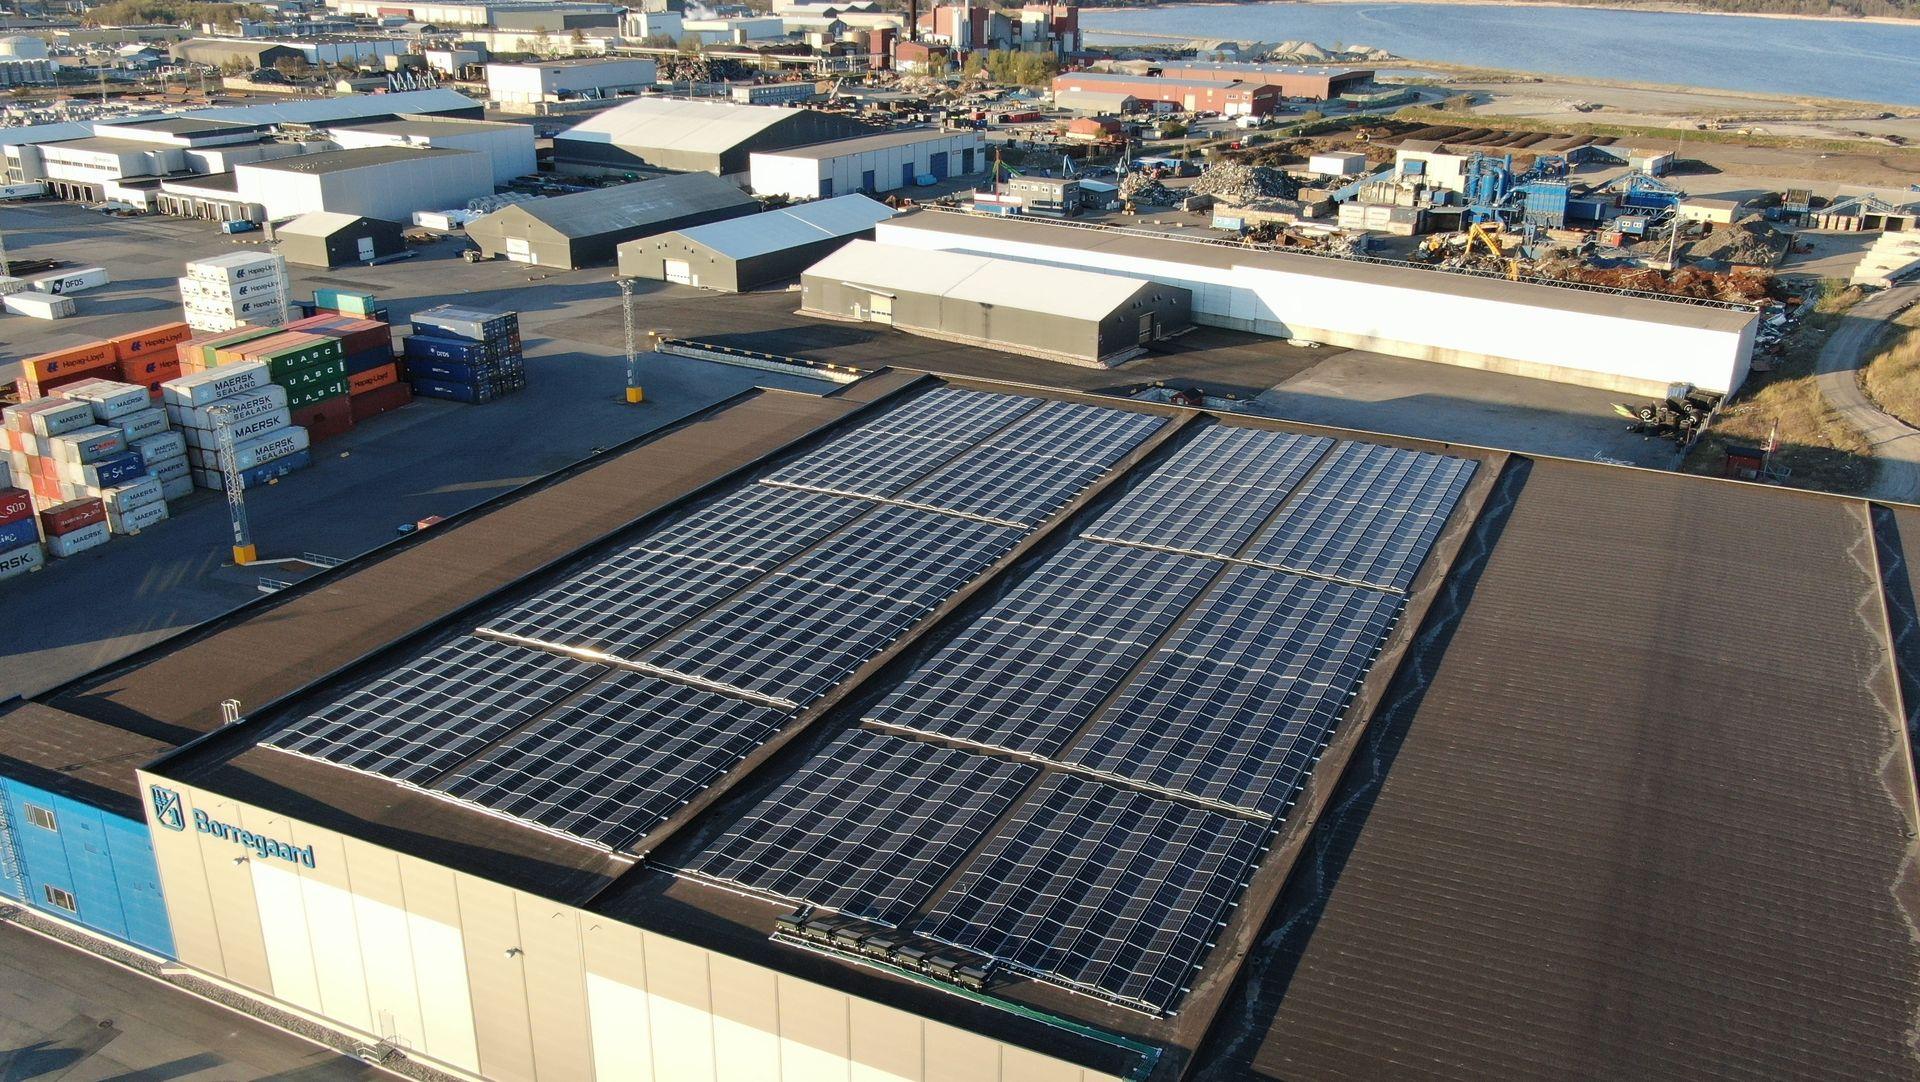 Anlegget som Solcellespesialisten har installert her havna på Øra i Fredrikstad har en forventet årsproduksjon på 860 000 kWh, noe som utgjør 57 prosent av dagens energiforbruk på Øra-terminalen.